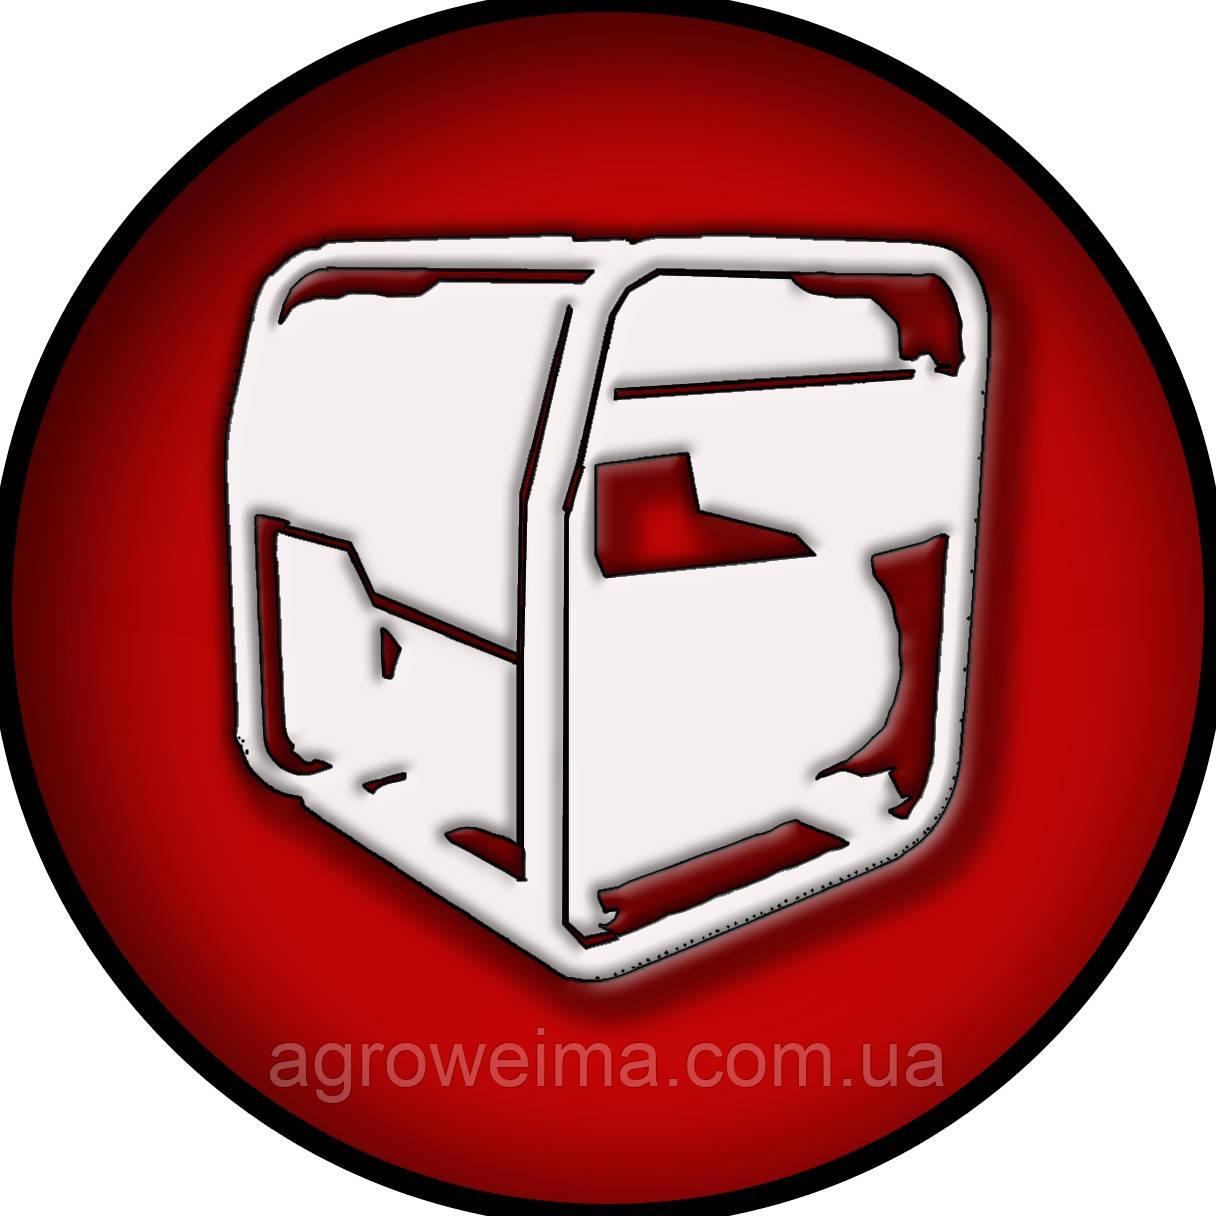 Генератор бензиновый WEIMA WM3500i, бензогенератор 3,5Квт, 1 ФАЗА, вес 37кг, ИНВЕРТОРэконом